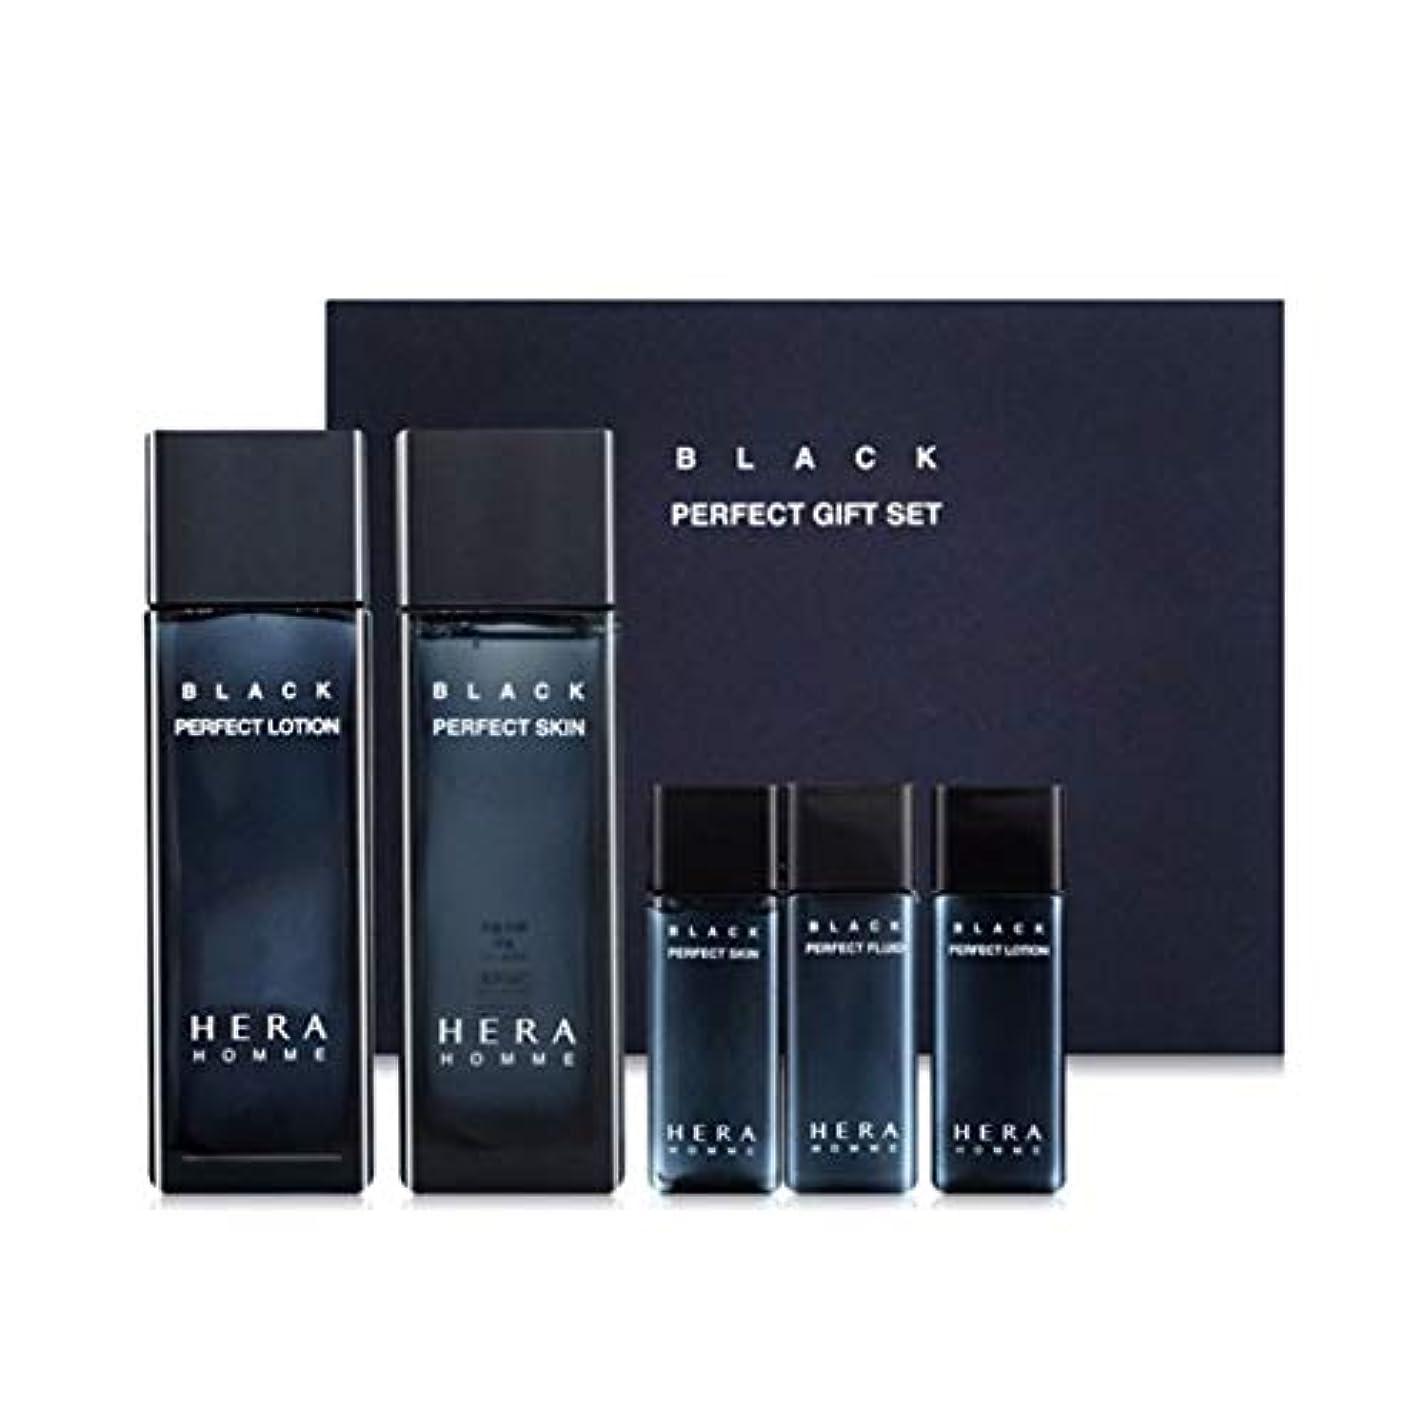 送金巨人ブラインドヘラオムブラックパーフェクトスキンローションセットメンズコスメ韓国コスメ、Hera Homme Black Perfect Skin Lotion Set Men's Cosmetics Korean Cosmetics...